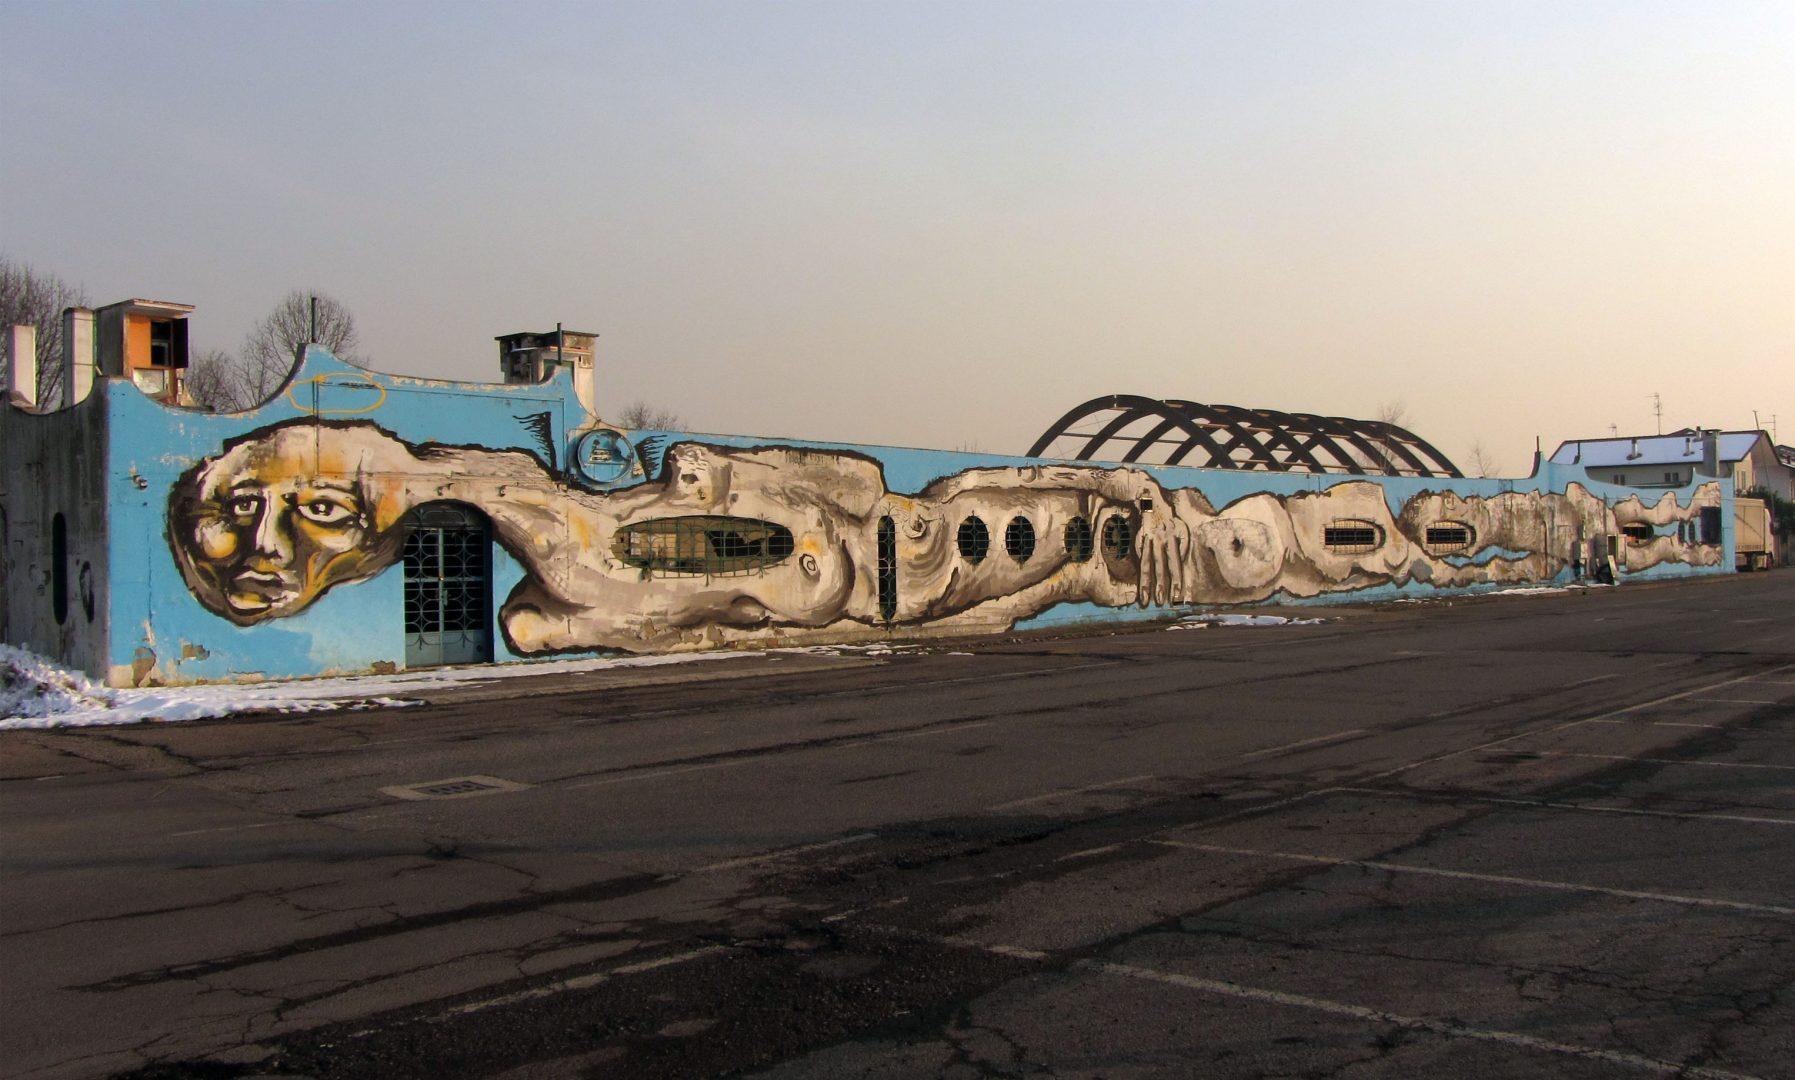 CANEMORTO, la street art è sovversione | Collater.al